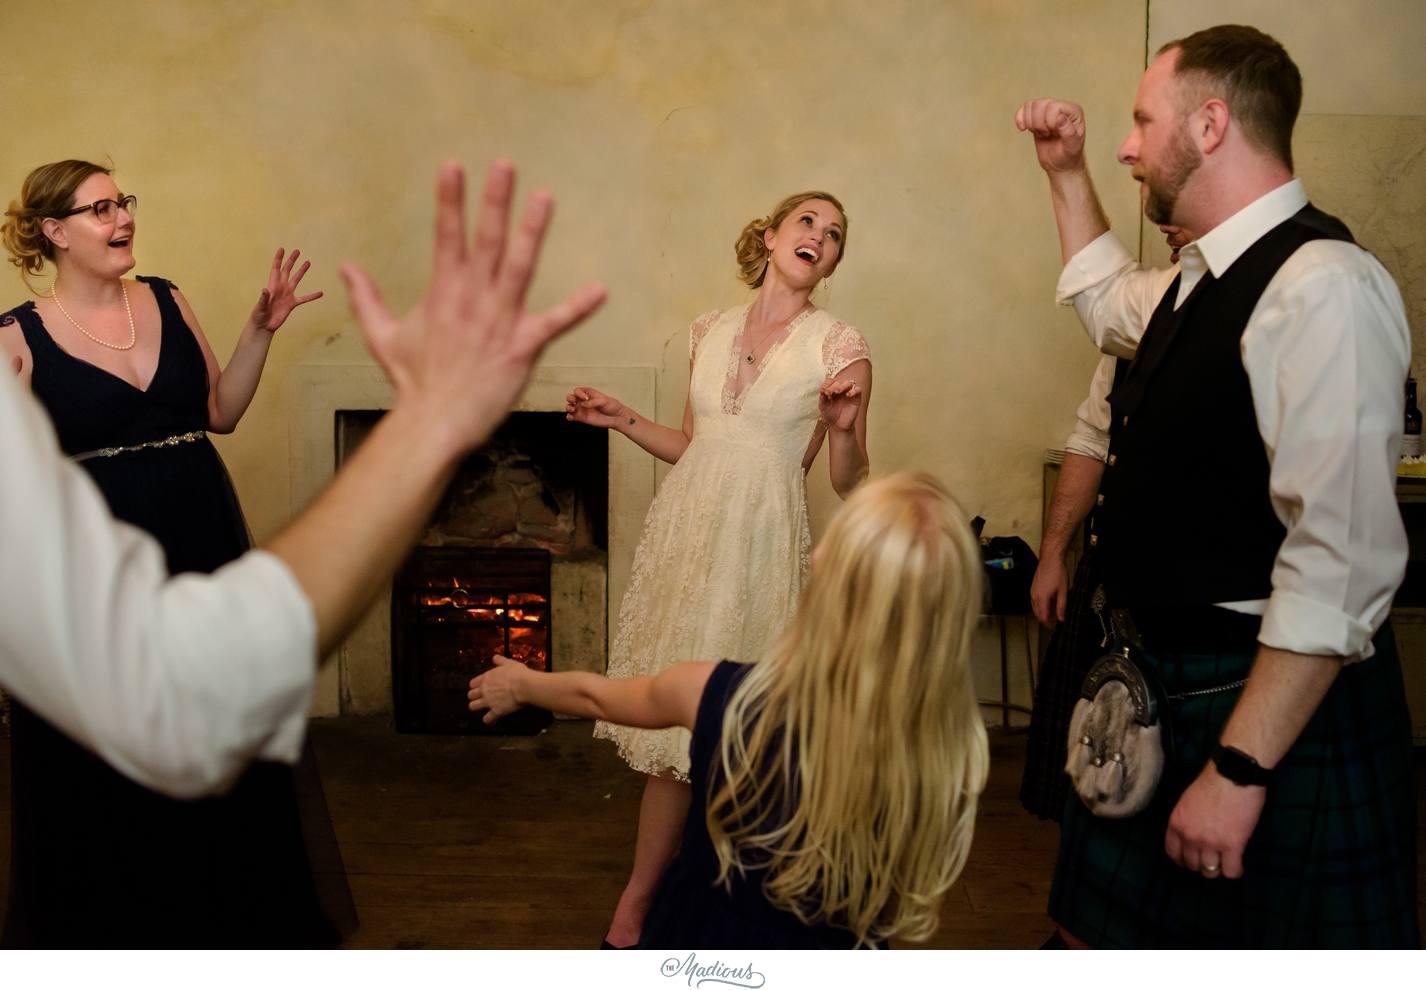 Balbegno_Dunnotar_Castle_Scottland_Wedding_70.jpg